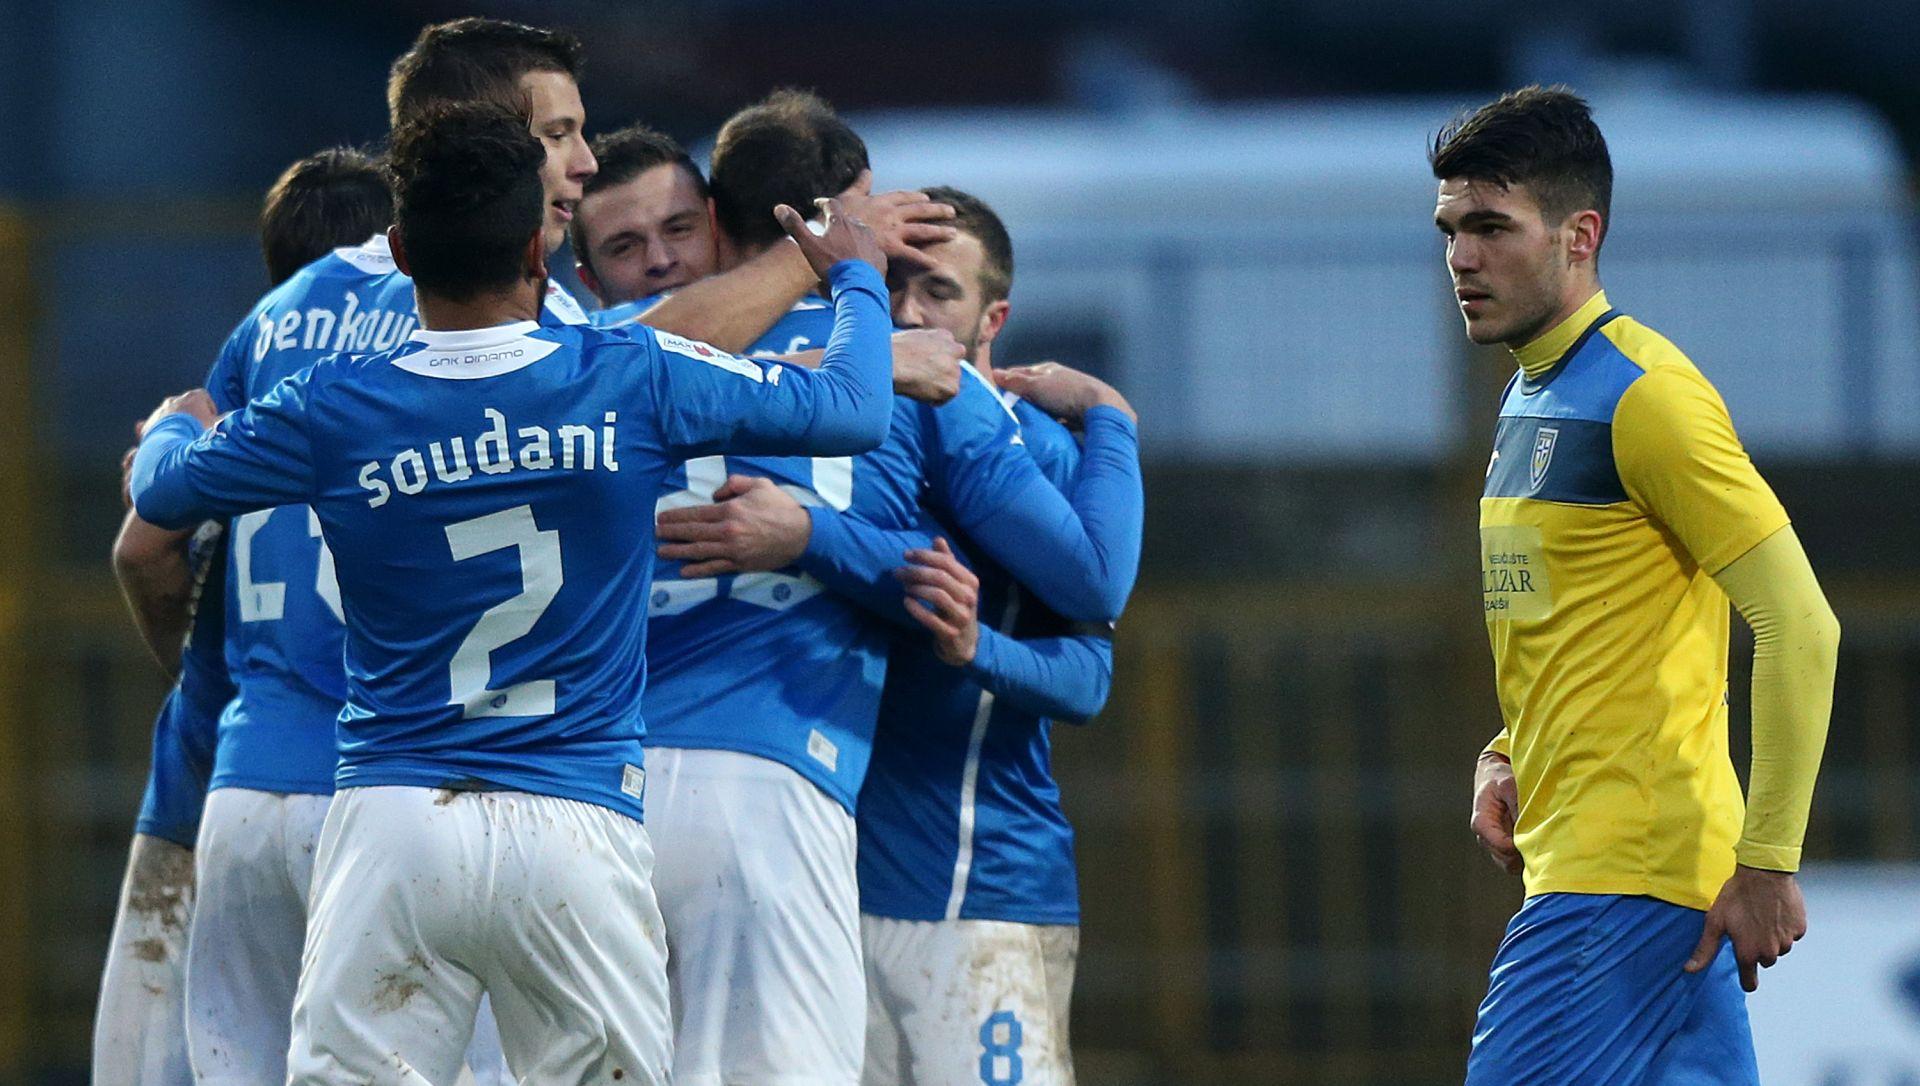 HRVATSKI KUP Dinamo pogotkom Hodžića po vrlo teškim uvjetima prošao u polufinale